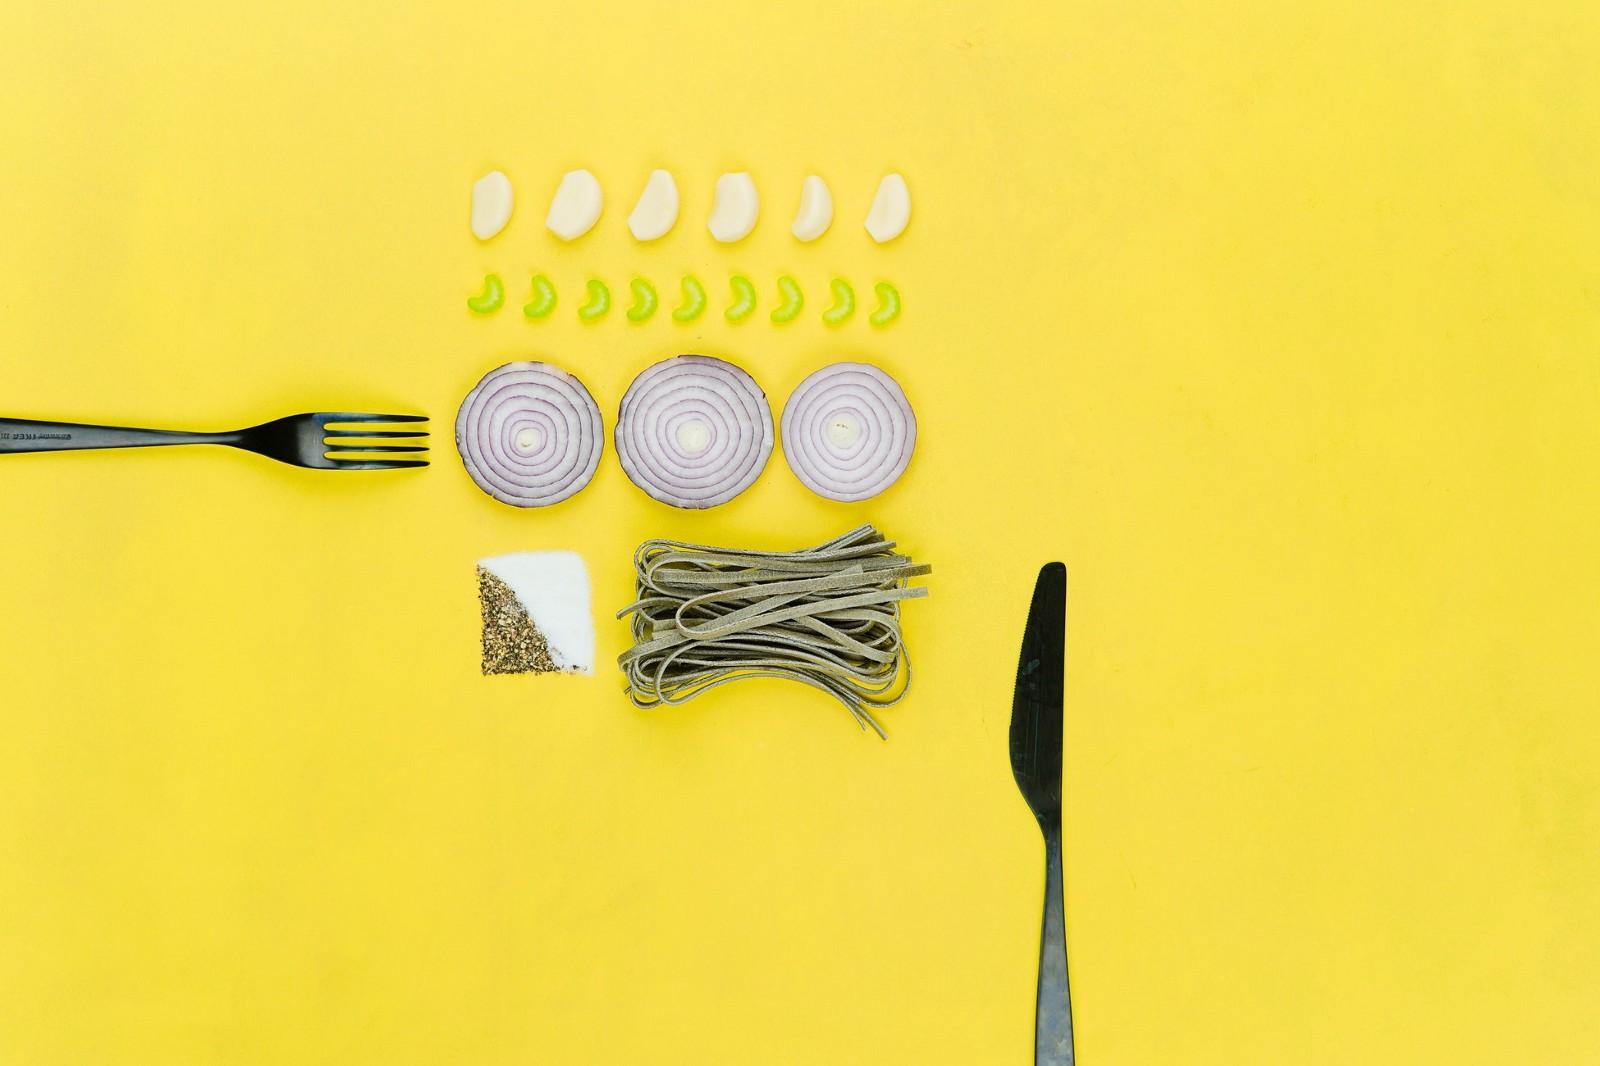 1oxziq8ExuLFGvdD4tHCPVw - Les facteurs clés de succès pour construire une entreprise alimentaire performante selon Eutopia